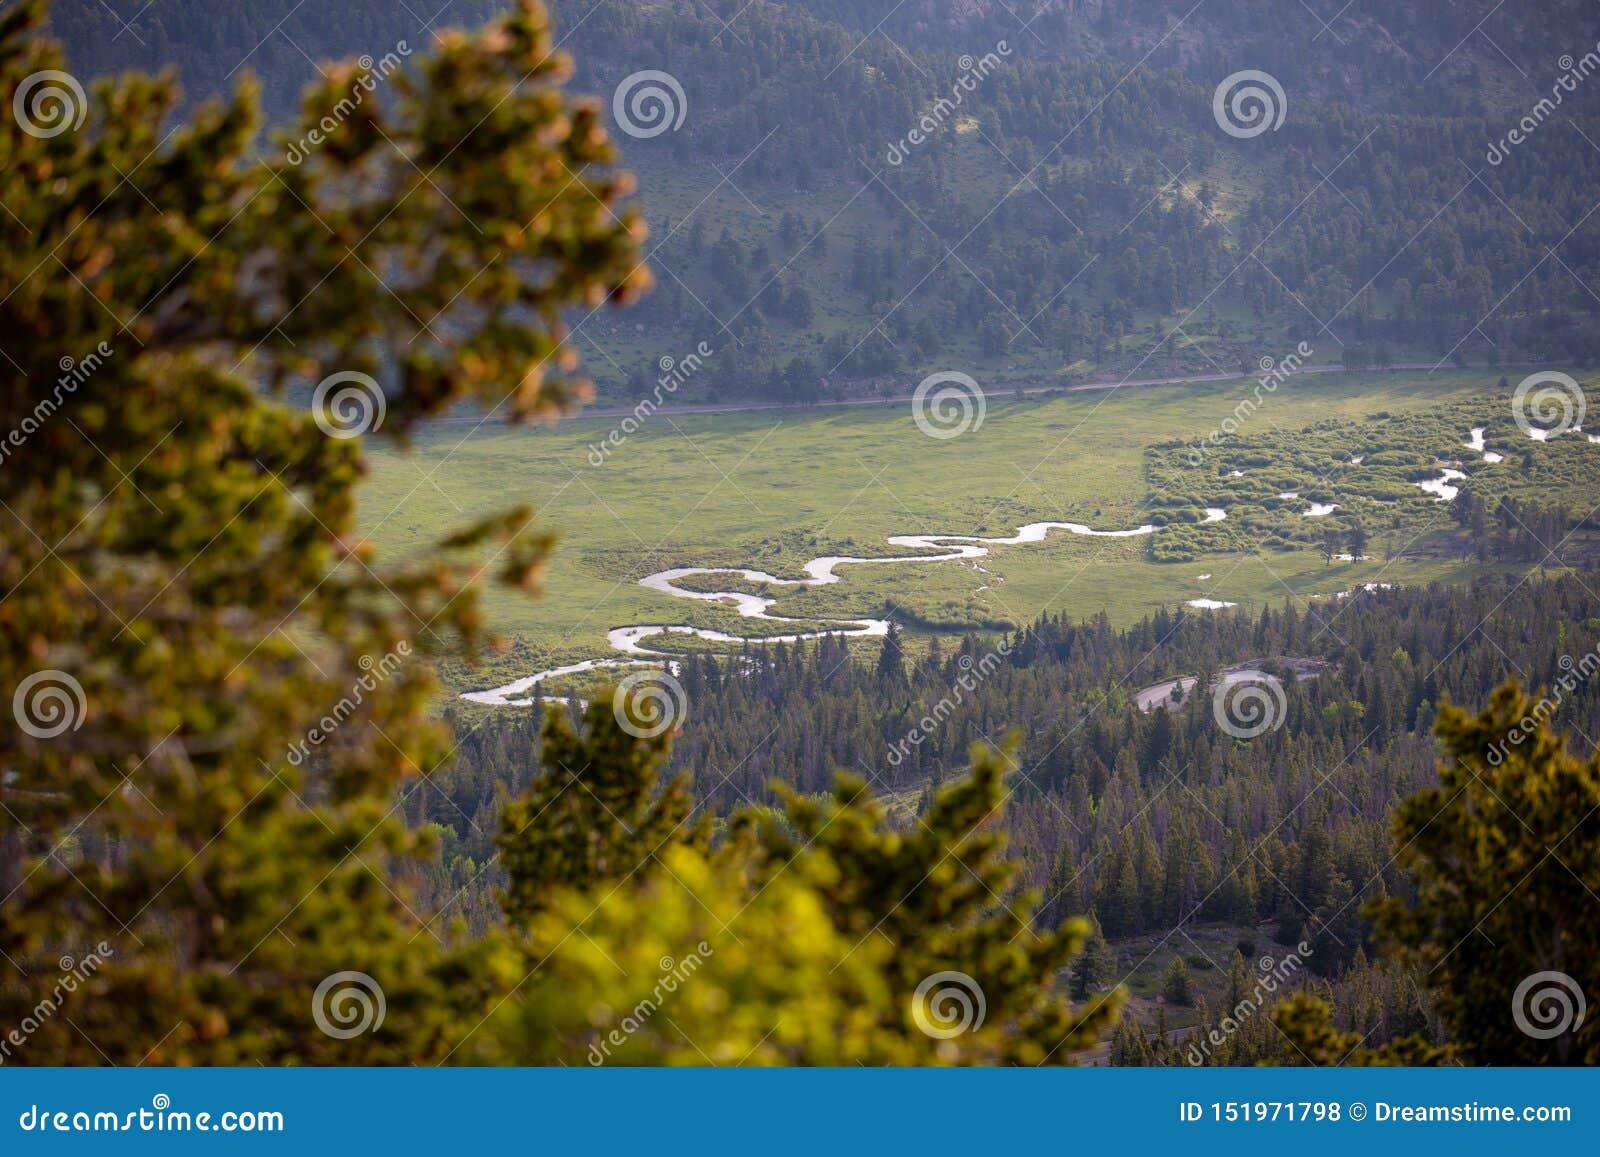 Una pequeños corriente y río que corren a través de un prado en un día de verano en Rocky Mountain National Park